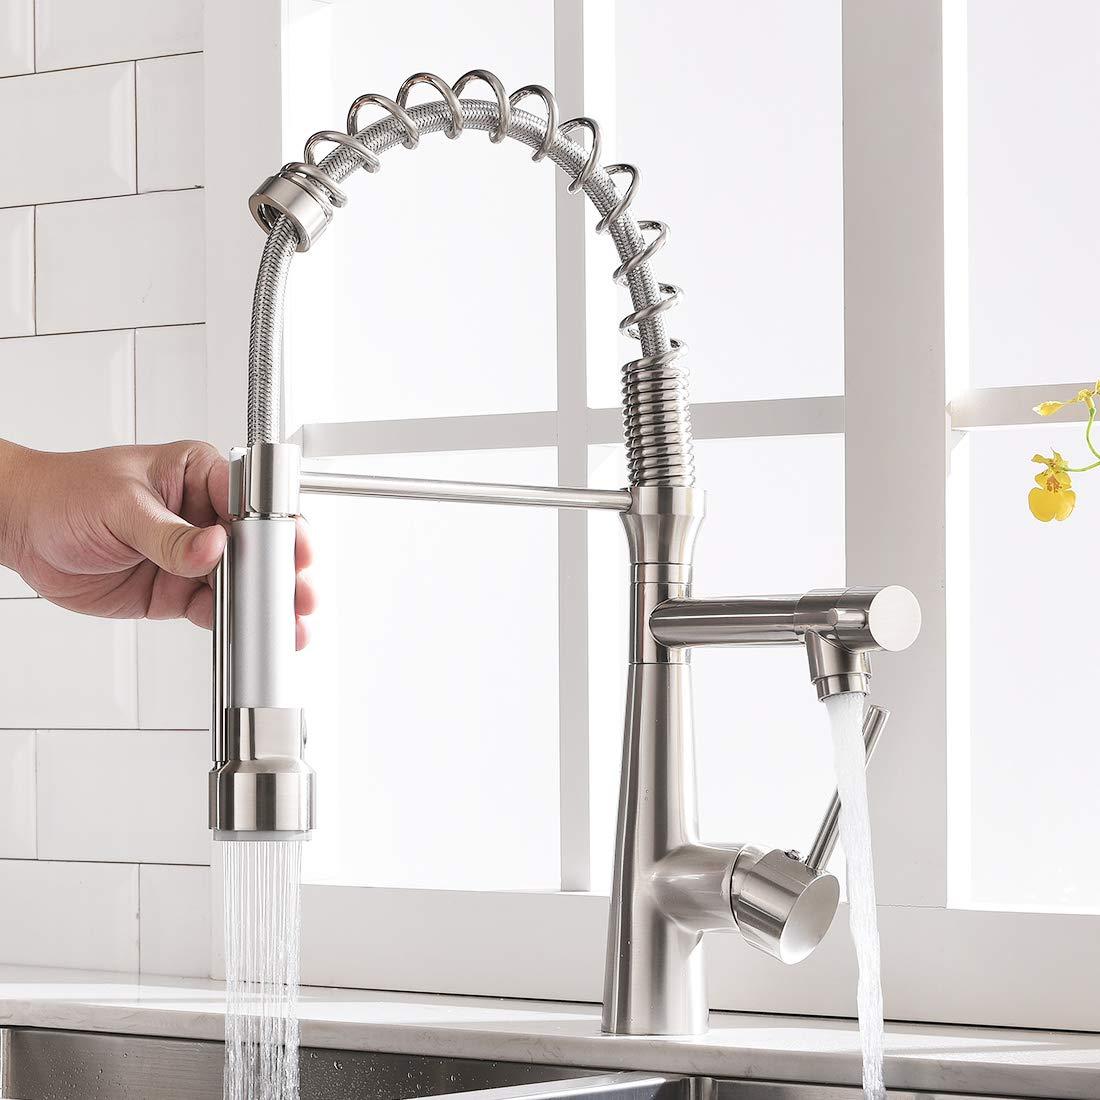 robinet et douchette extensible /à 360/° Pivotant Nickel bross/é Mitigeur monocommande et Mitigeur monocommande TIMACO Robinet de cuisine avec ressort en spirale